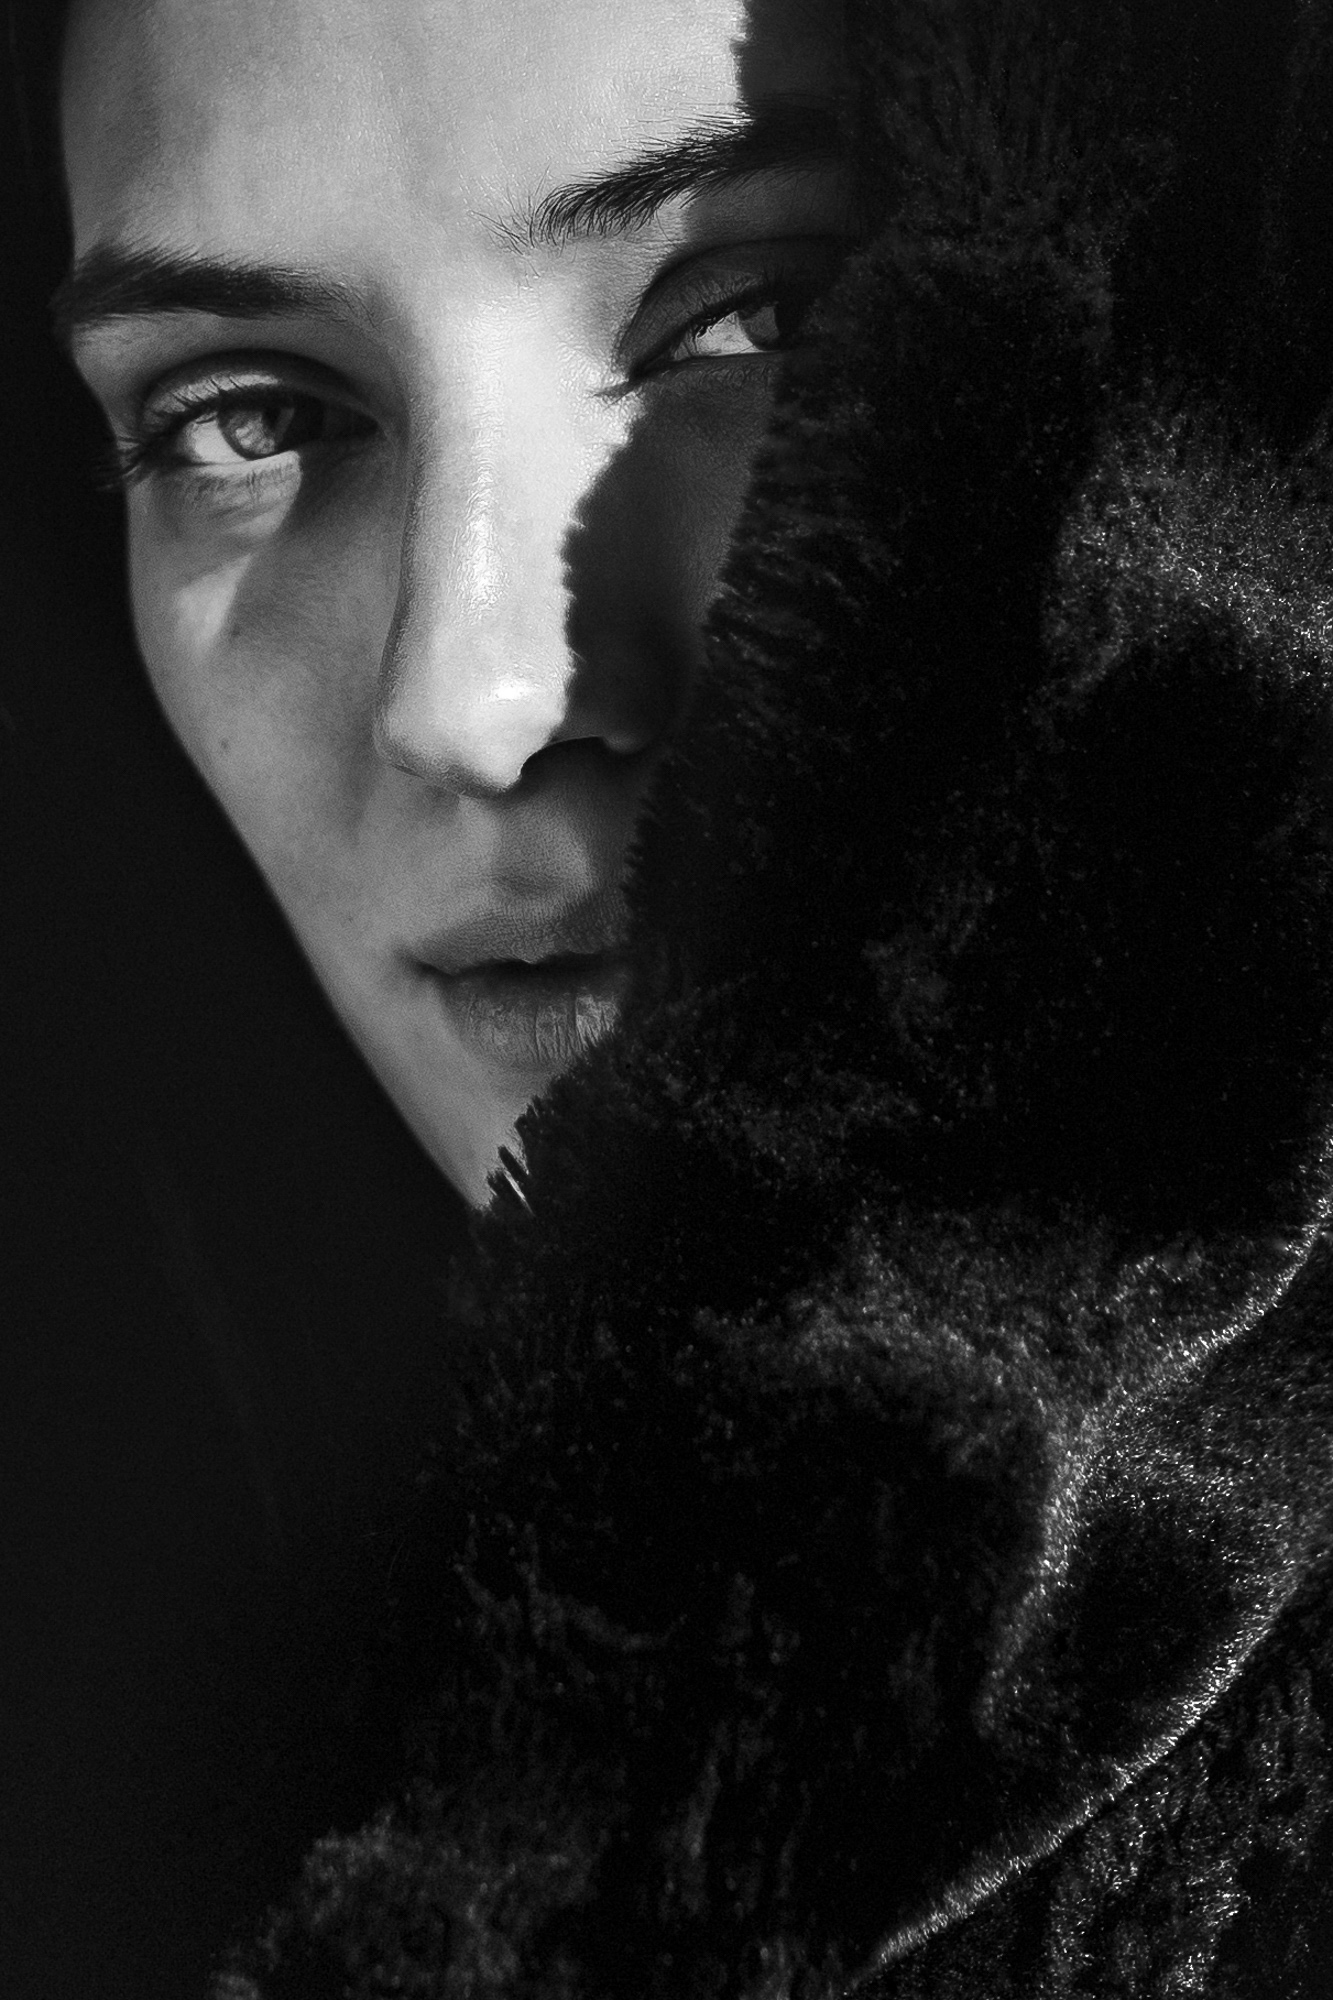 PHOTOGRAPHE PORTRAIT ACTEUR CHANTEUR CELEBRITE LYON PARIS FRANCE-02